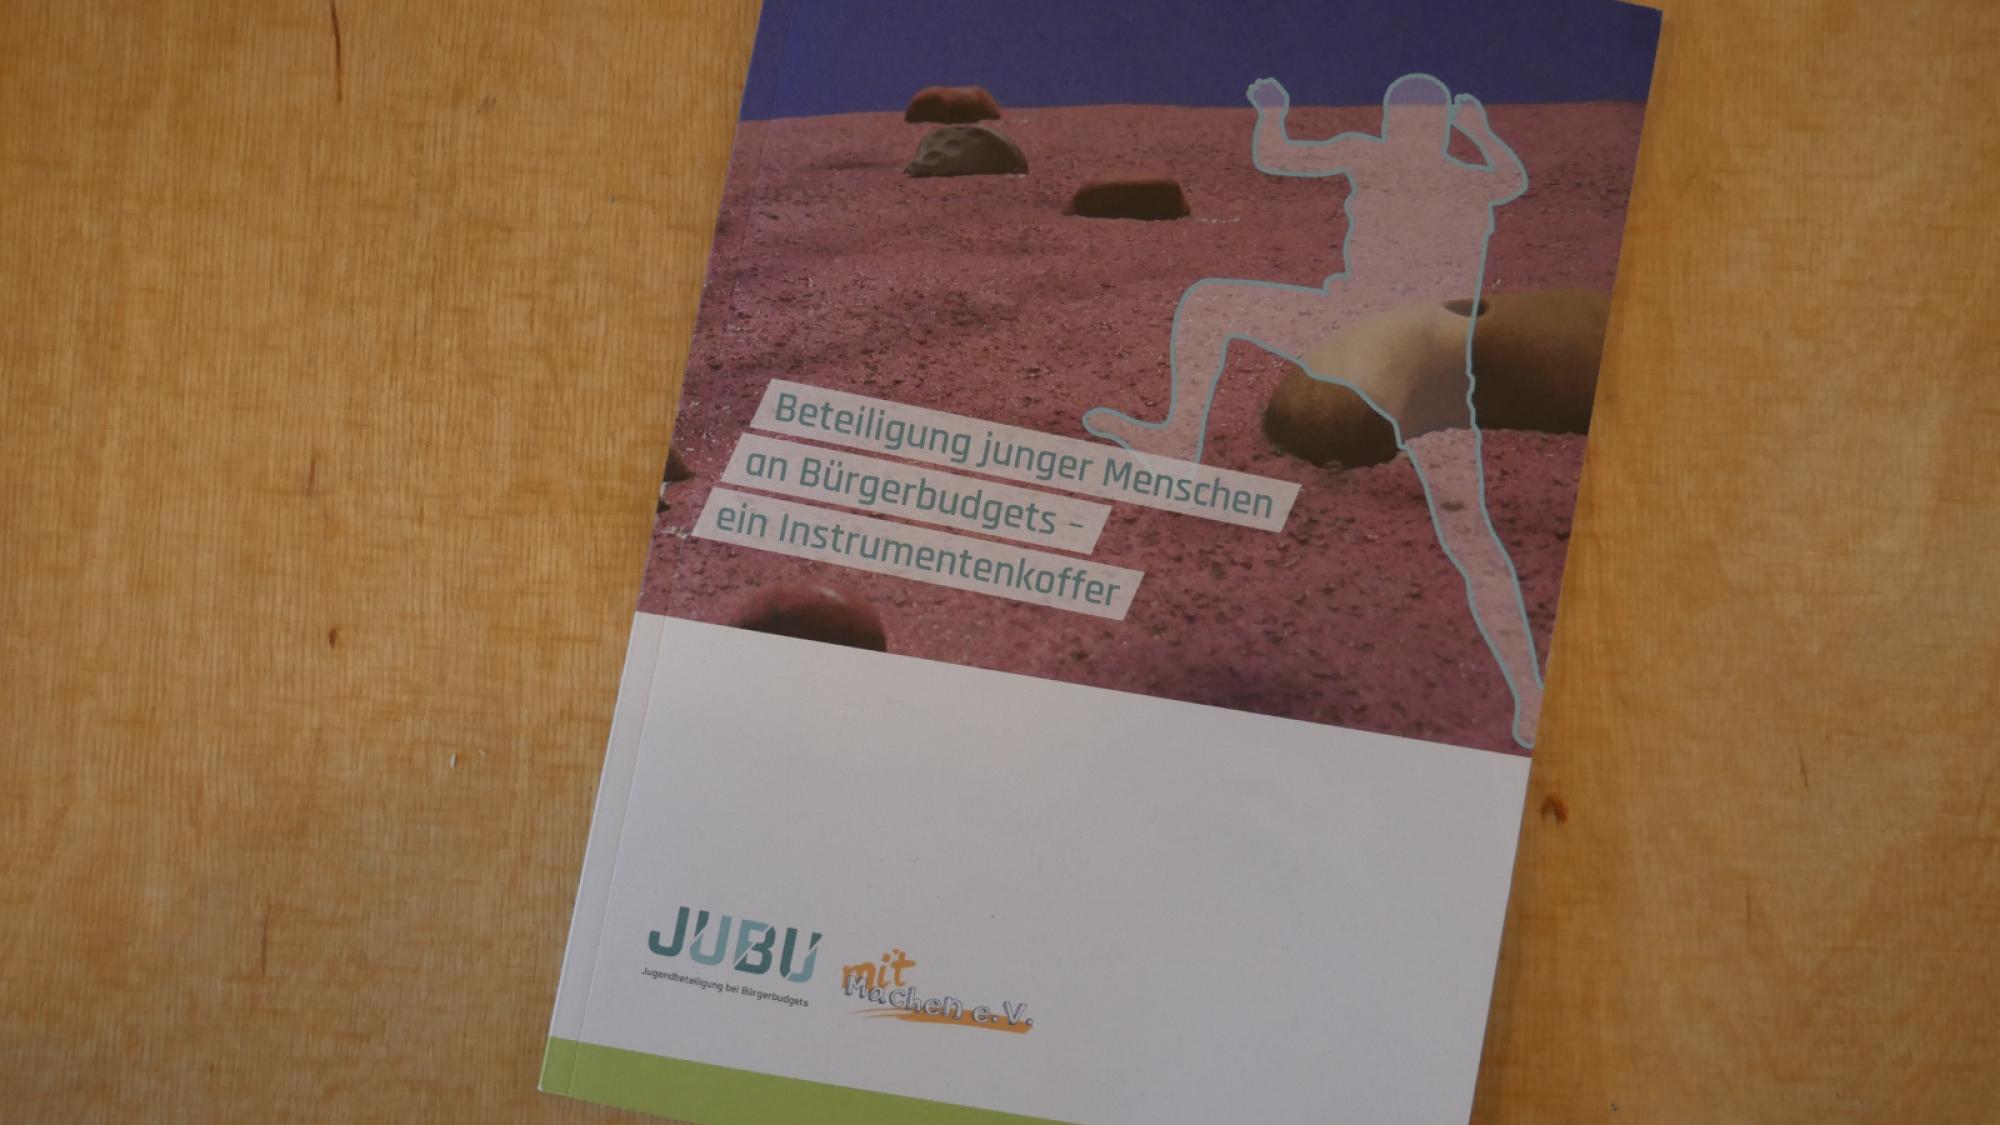 """Printversion des Buches """"Beteiligung junger Menschen an Bürgerbudgets - ein Instrumentenkoffer"""" der JUBU-Reihe Band 1."""